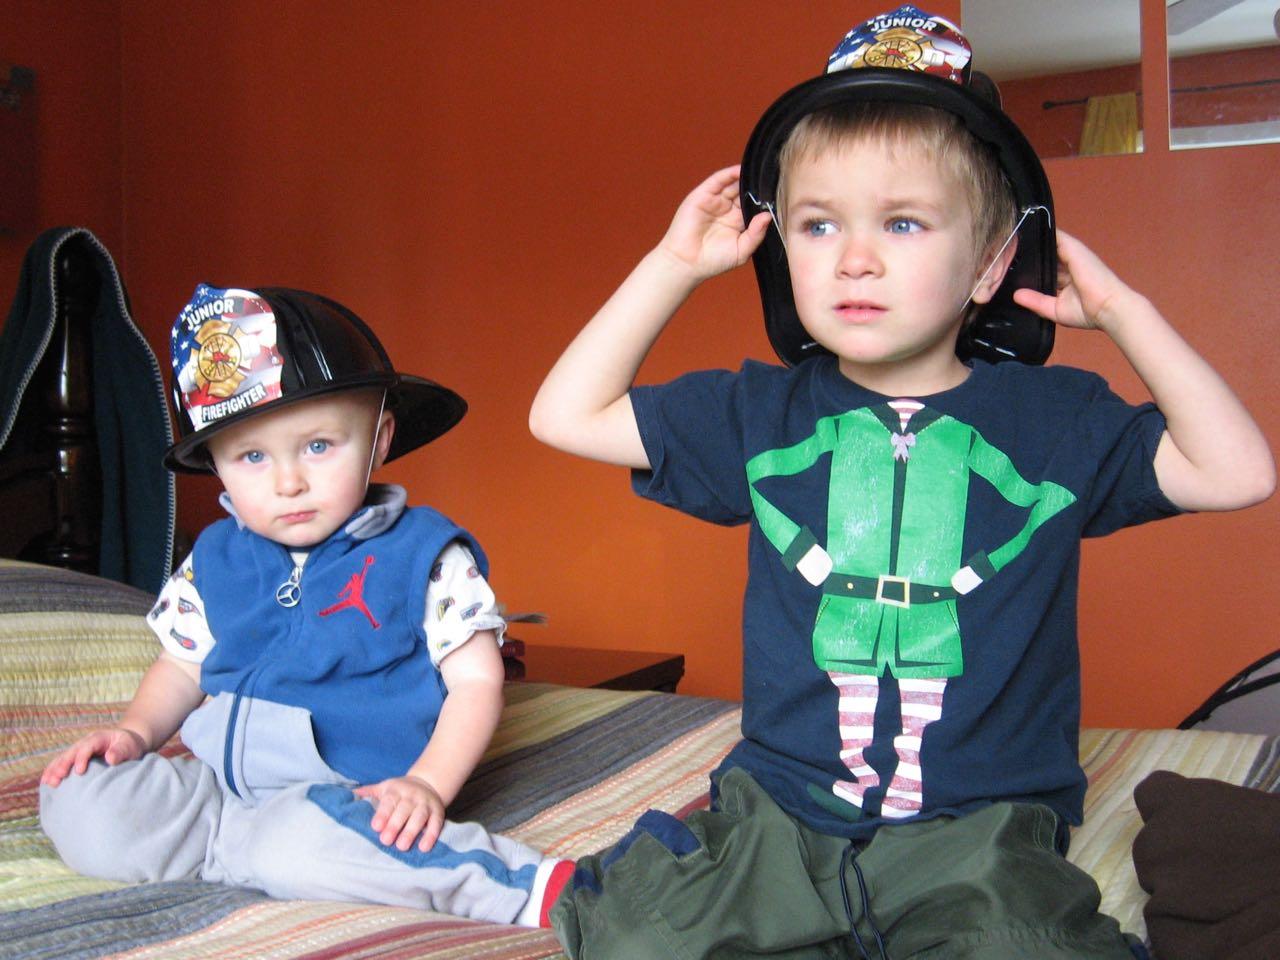 Firemen on duty